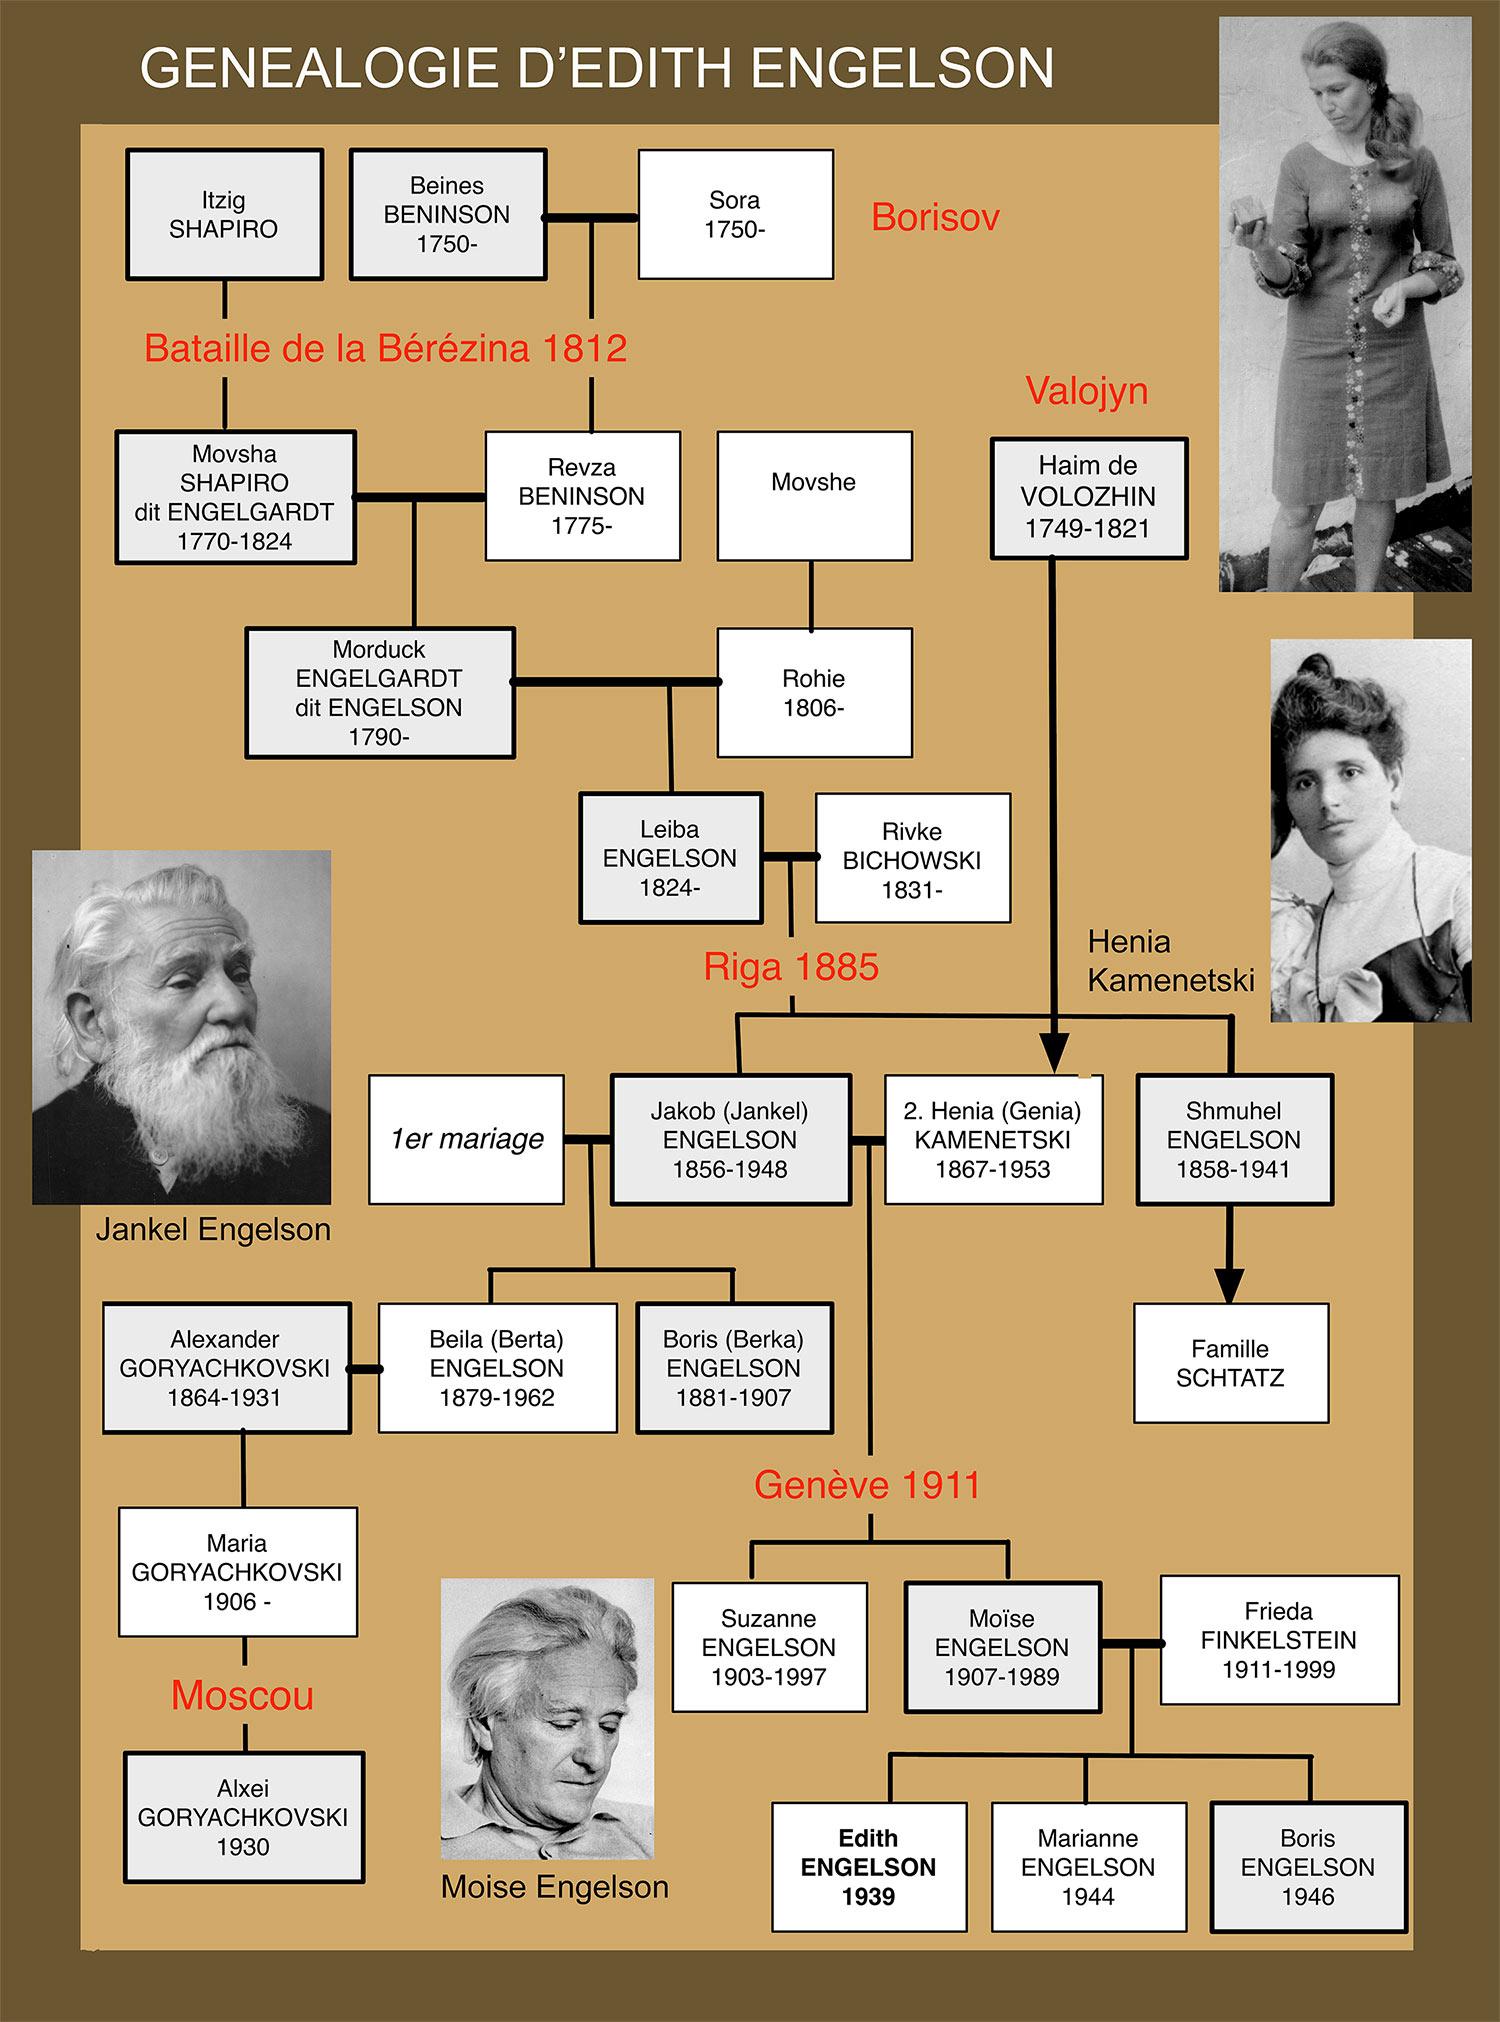 genealogie-edith